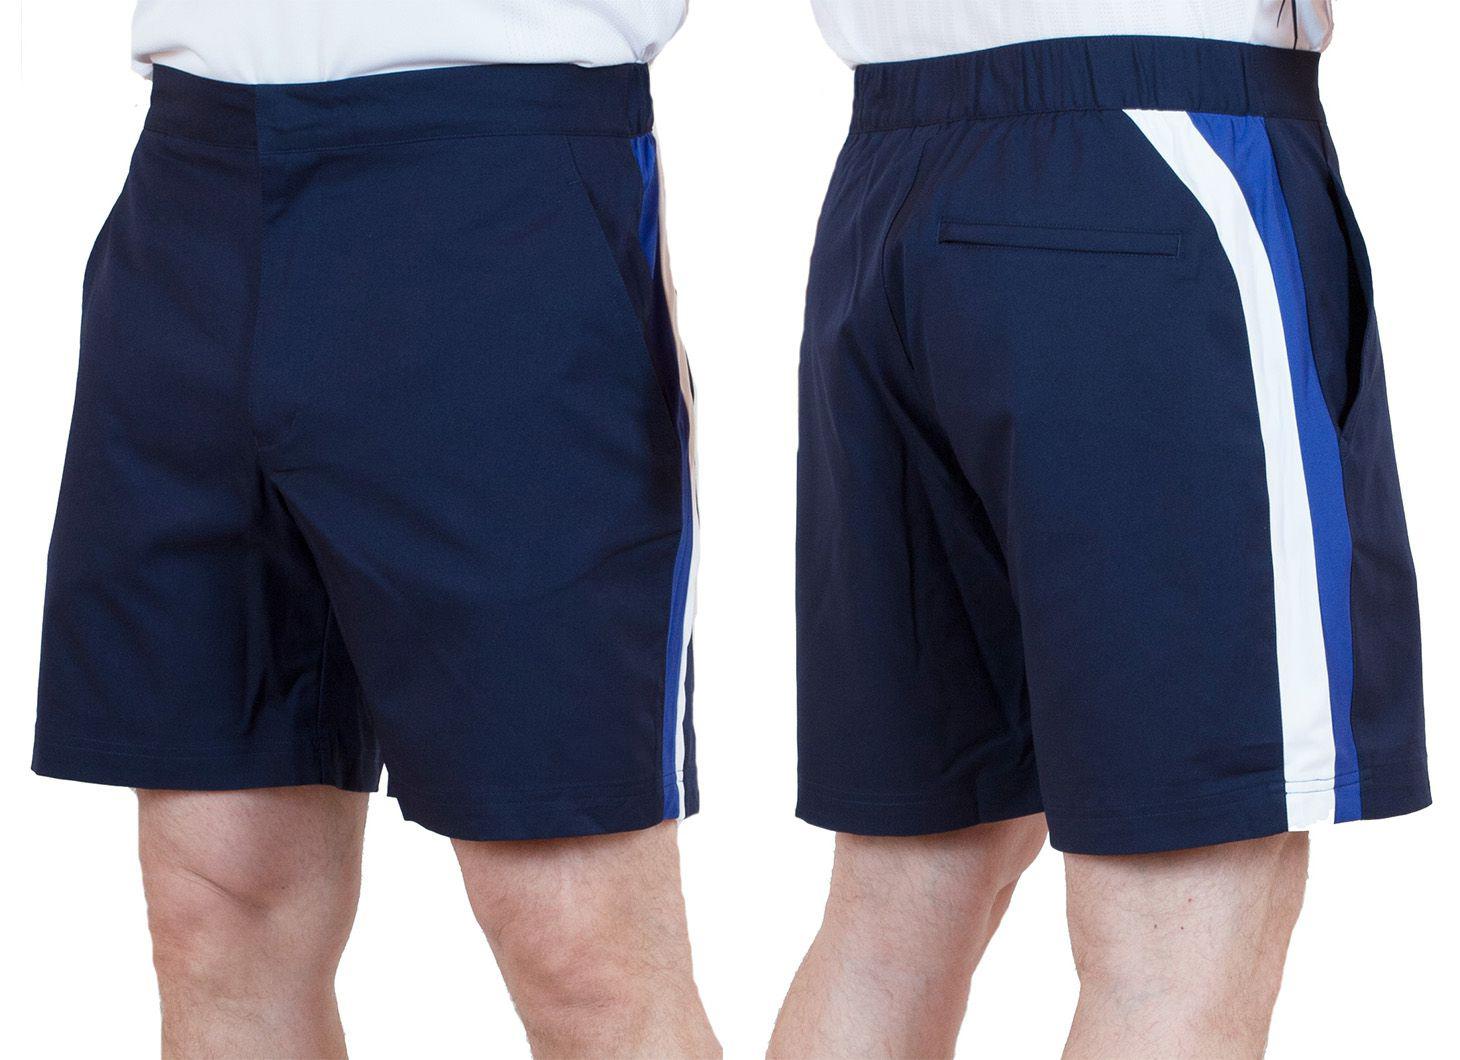 Заказать синие шорты для мужчин с боковыми полосками